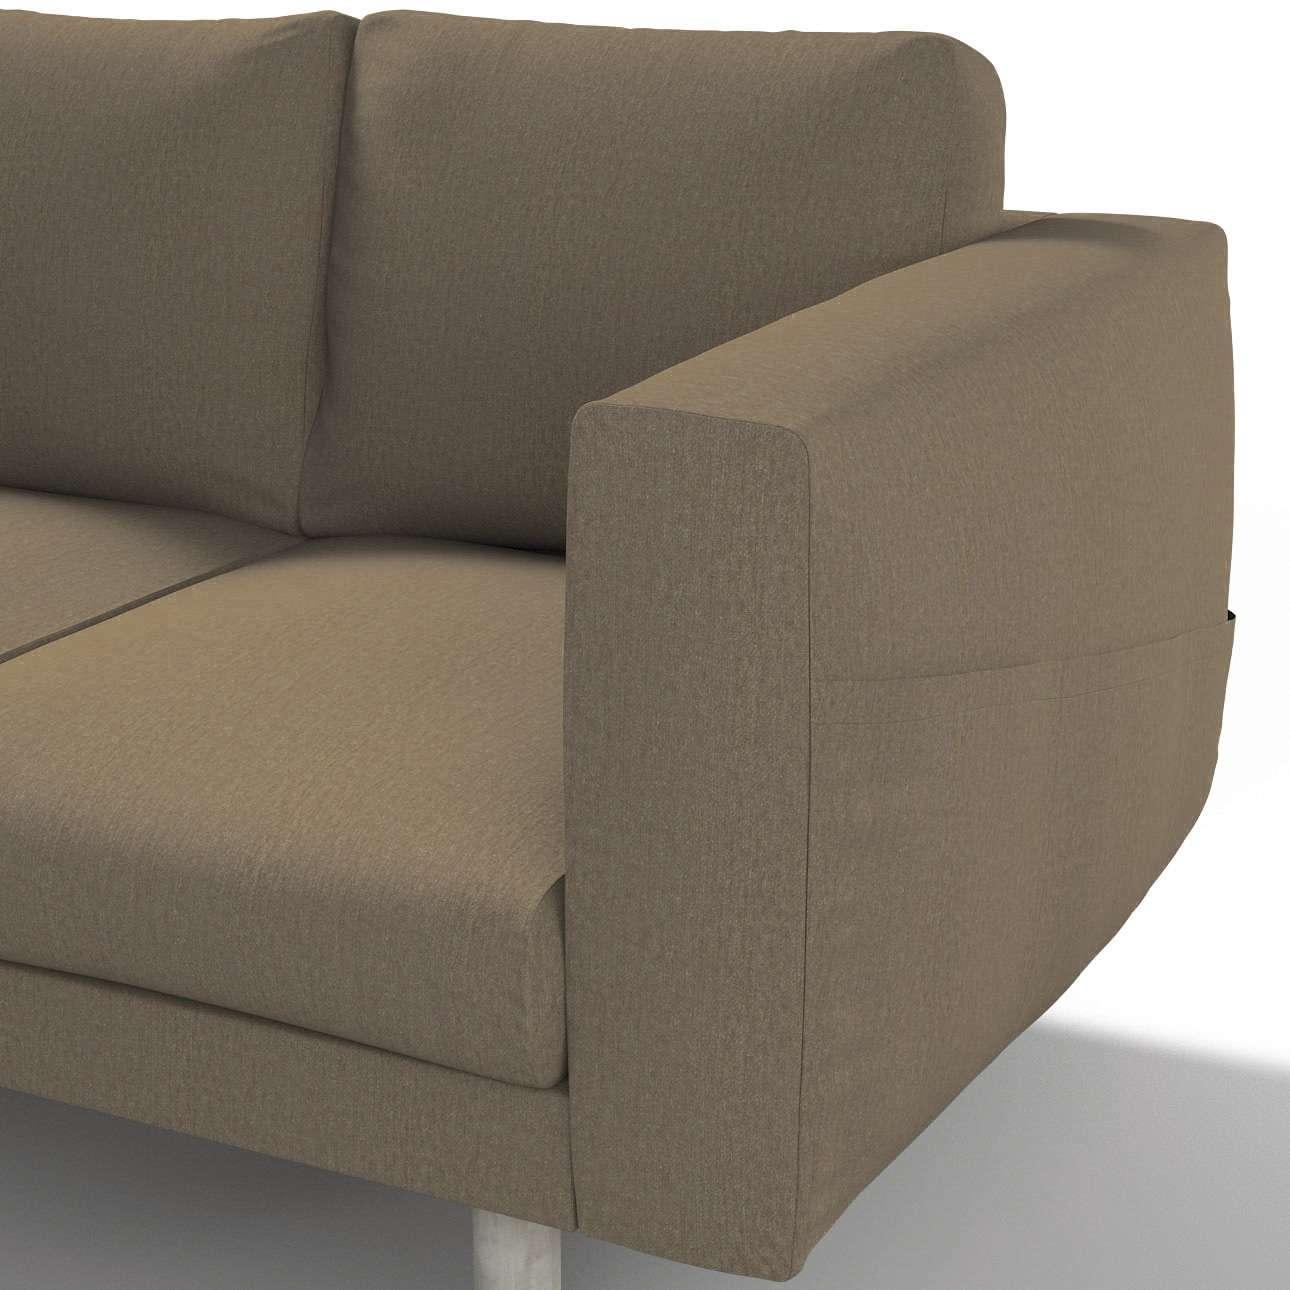 Pokrowiec na sofę Norsborg 3-osobową w kolekcji Chenille, tkanina: 702-21